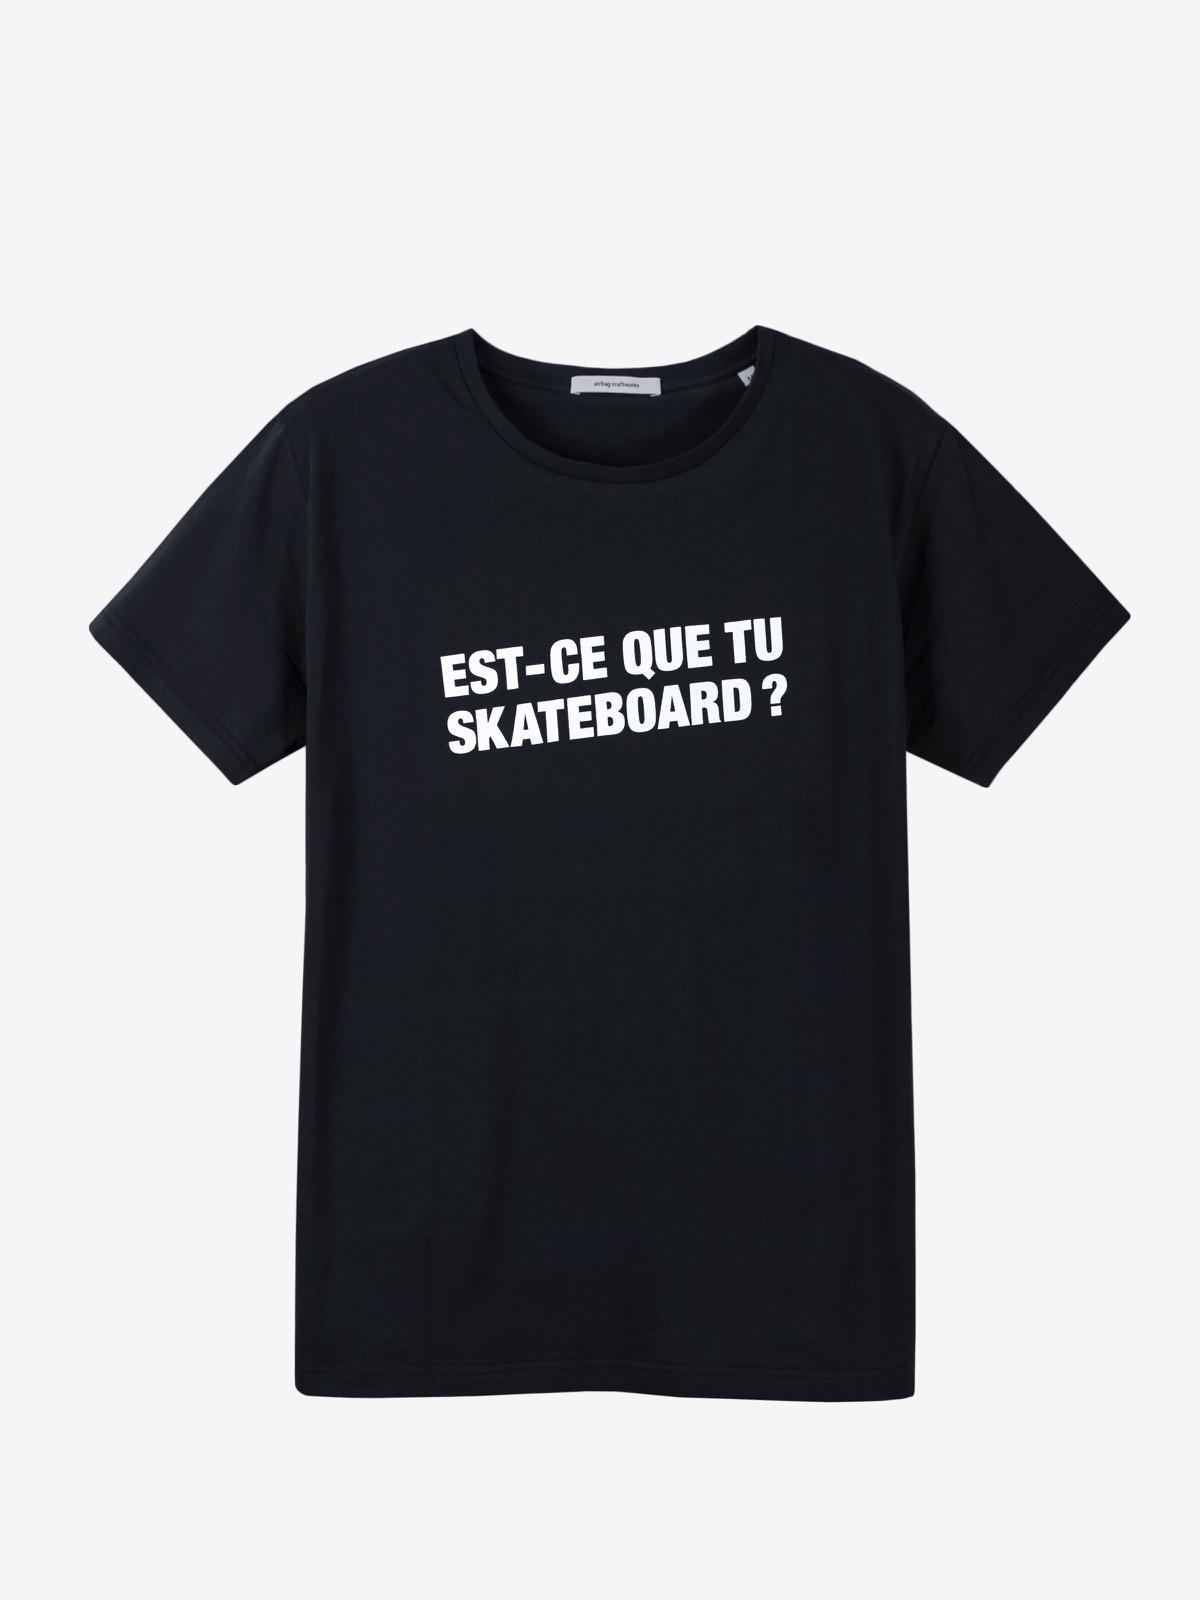 airbag craftworks est - ce que tu skateboard ? | black